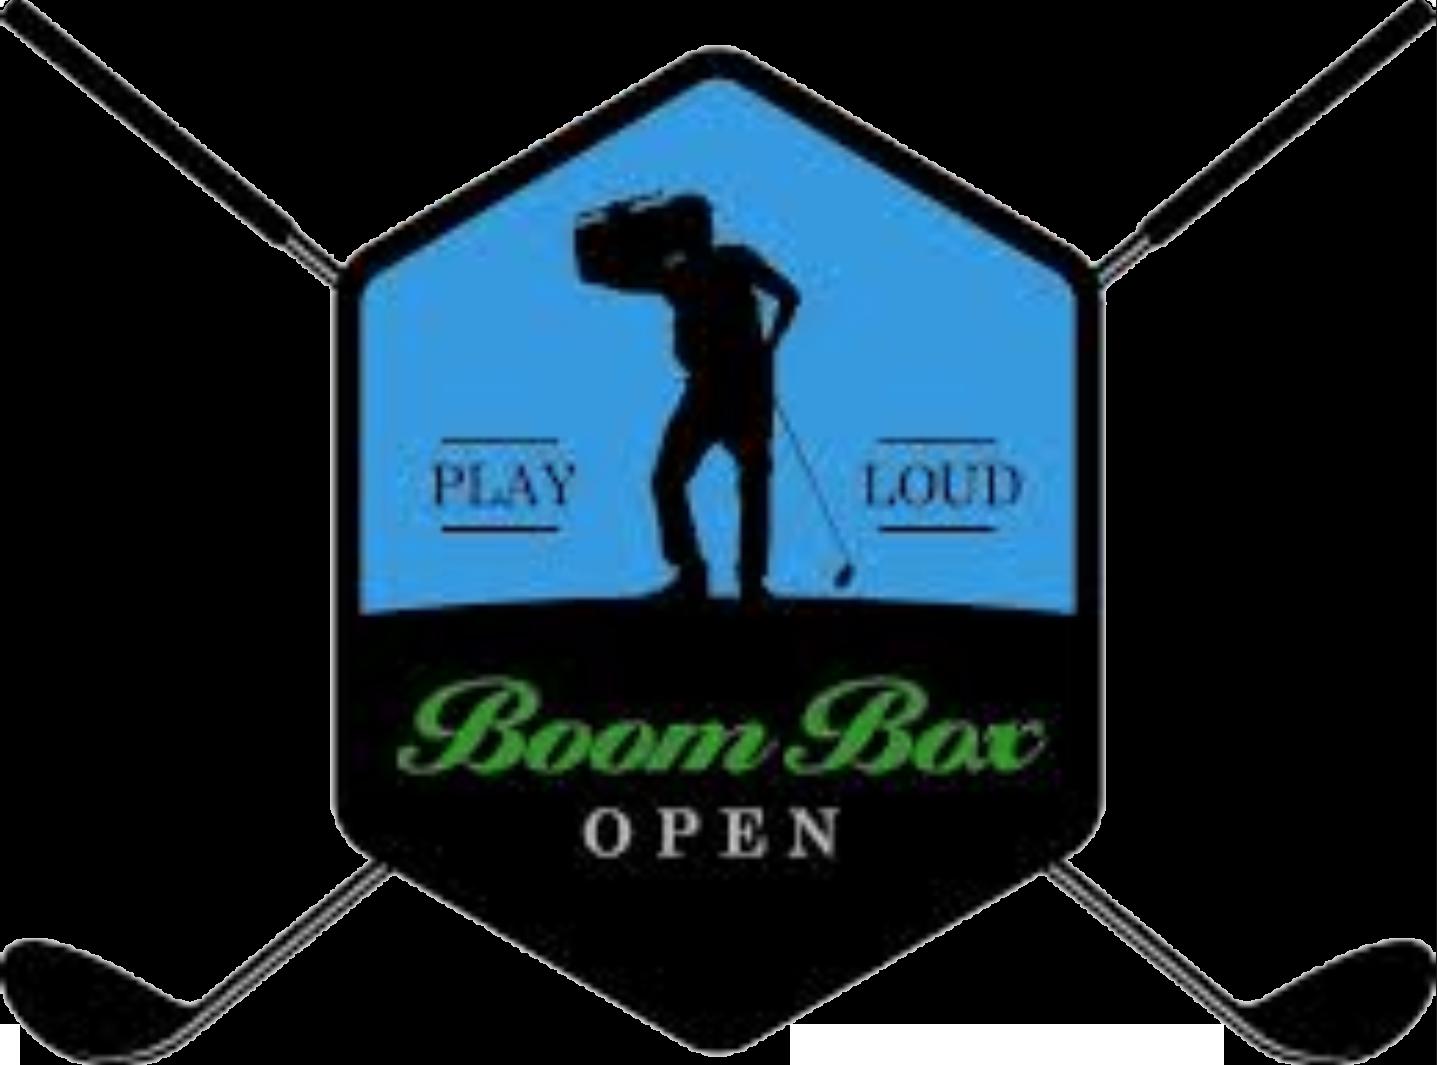 2014 bbo generic color logo